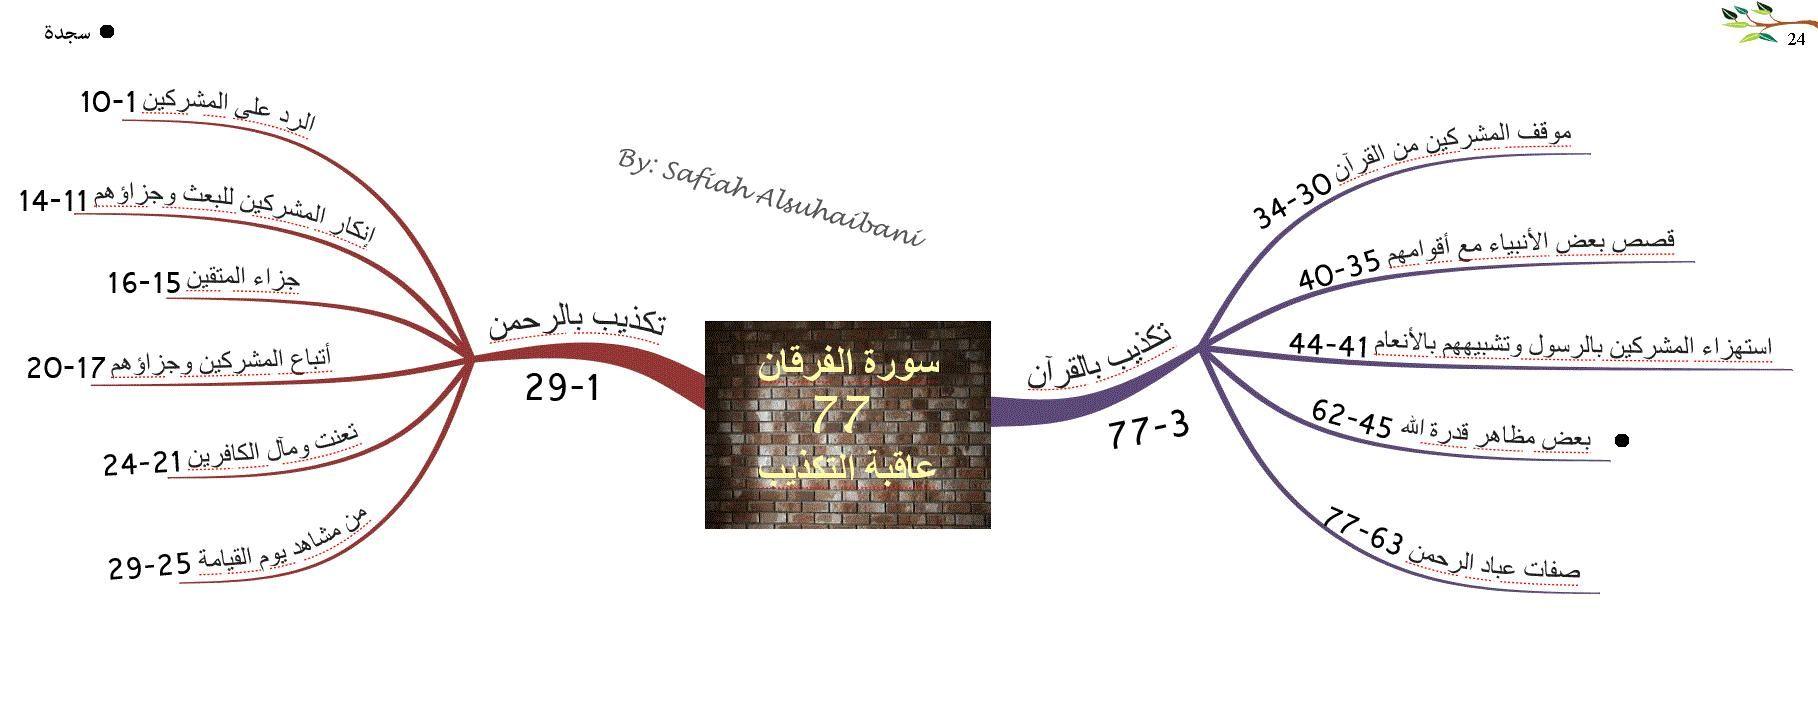 الخرائط الذهنية لسور القرآن الكريم سورة الفرقان Quran Book Quran Holy Quran